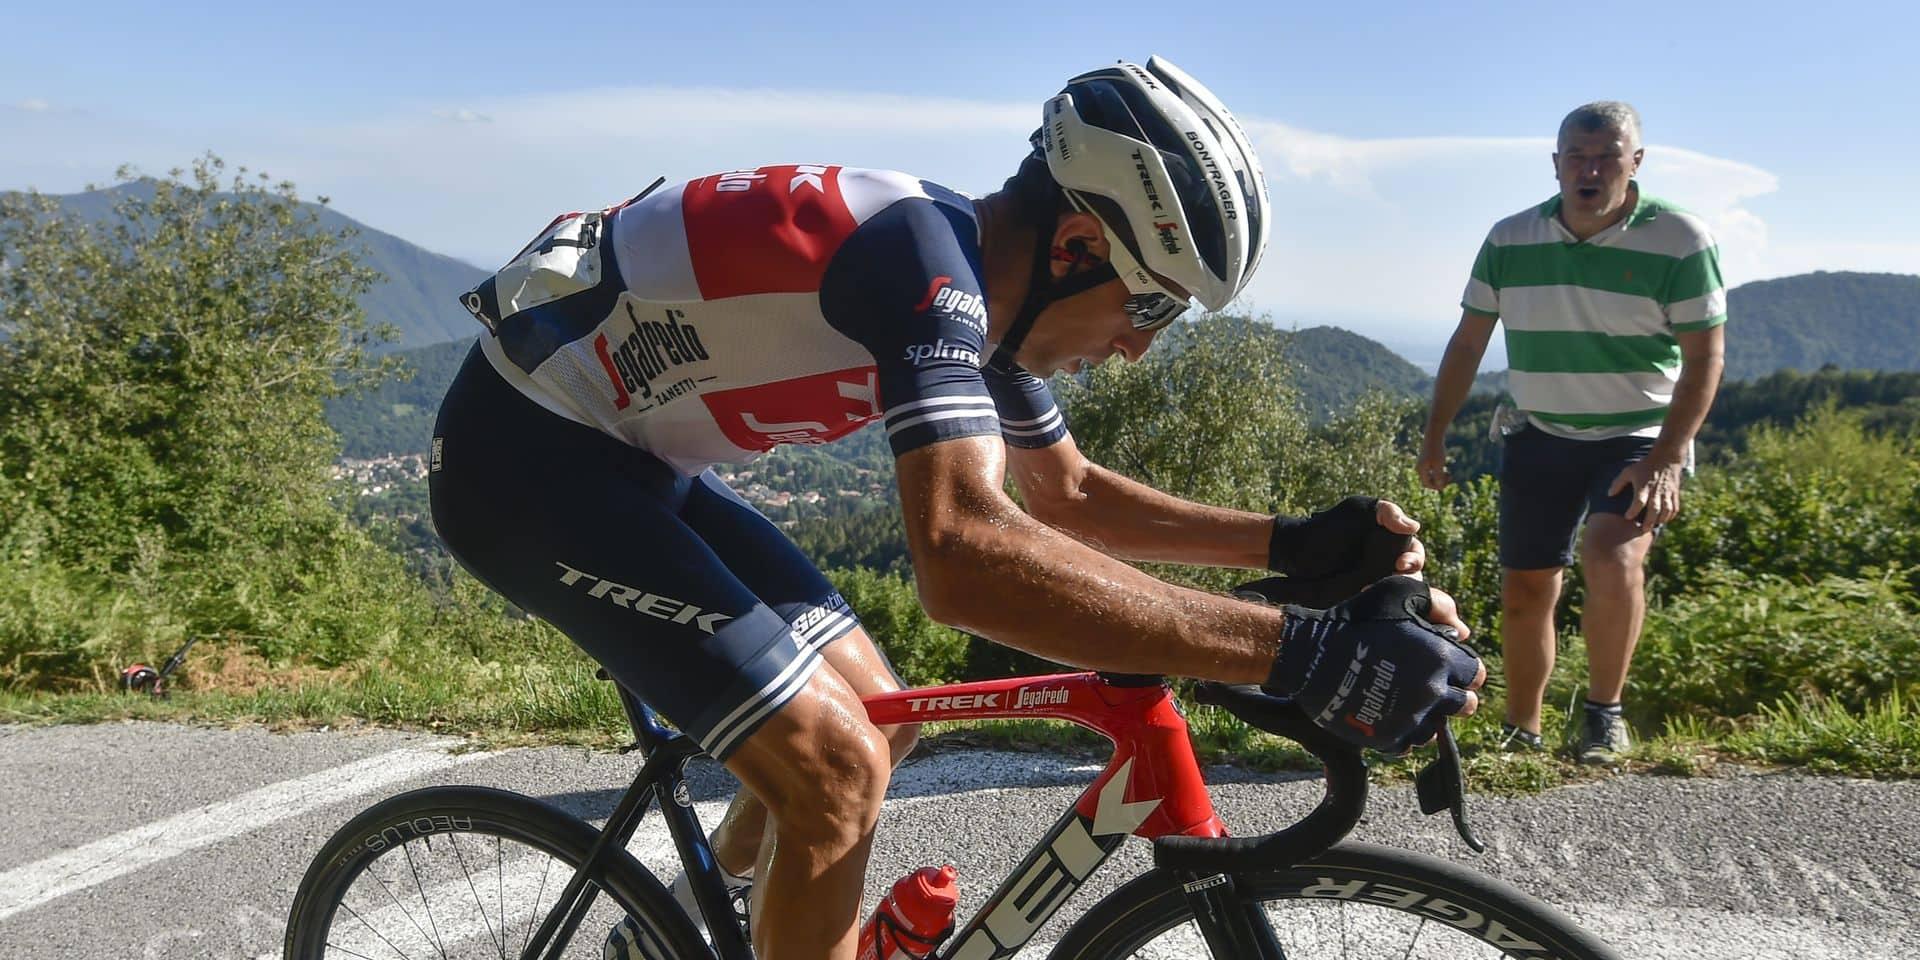 Ciclismo, 114a edizione ILombardia - da Bergamo a Como - 231 km